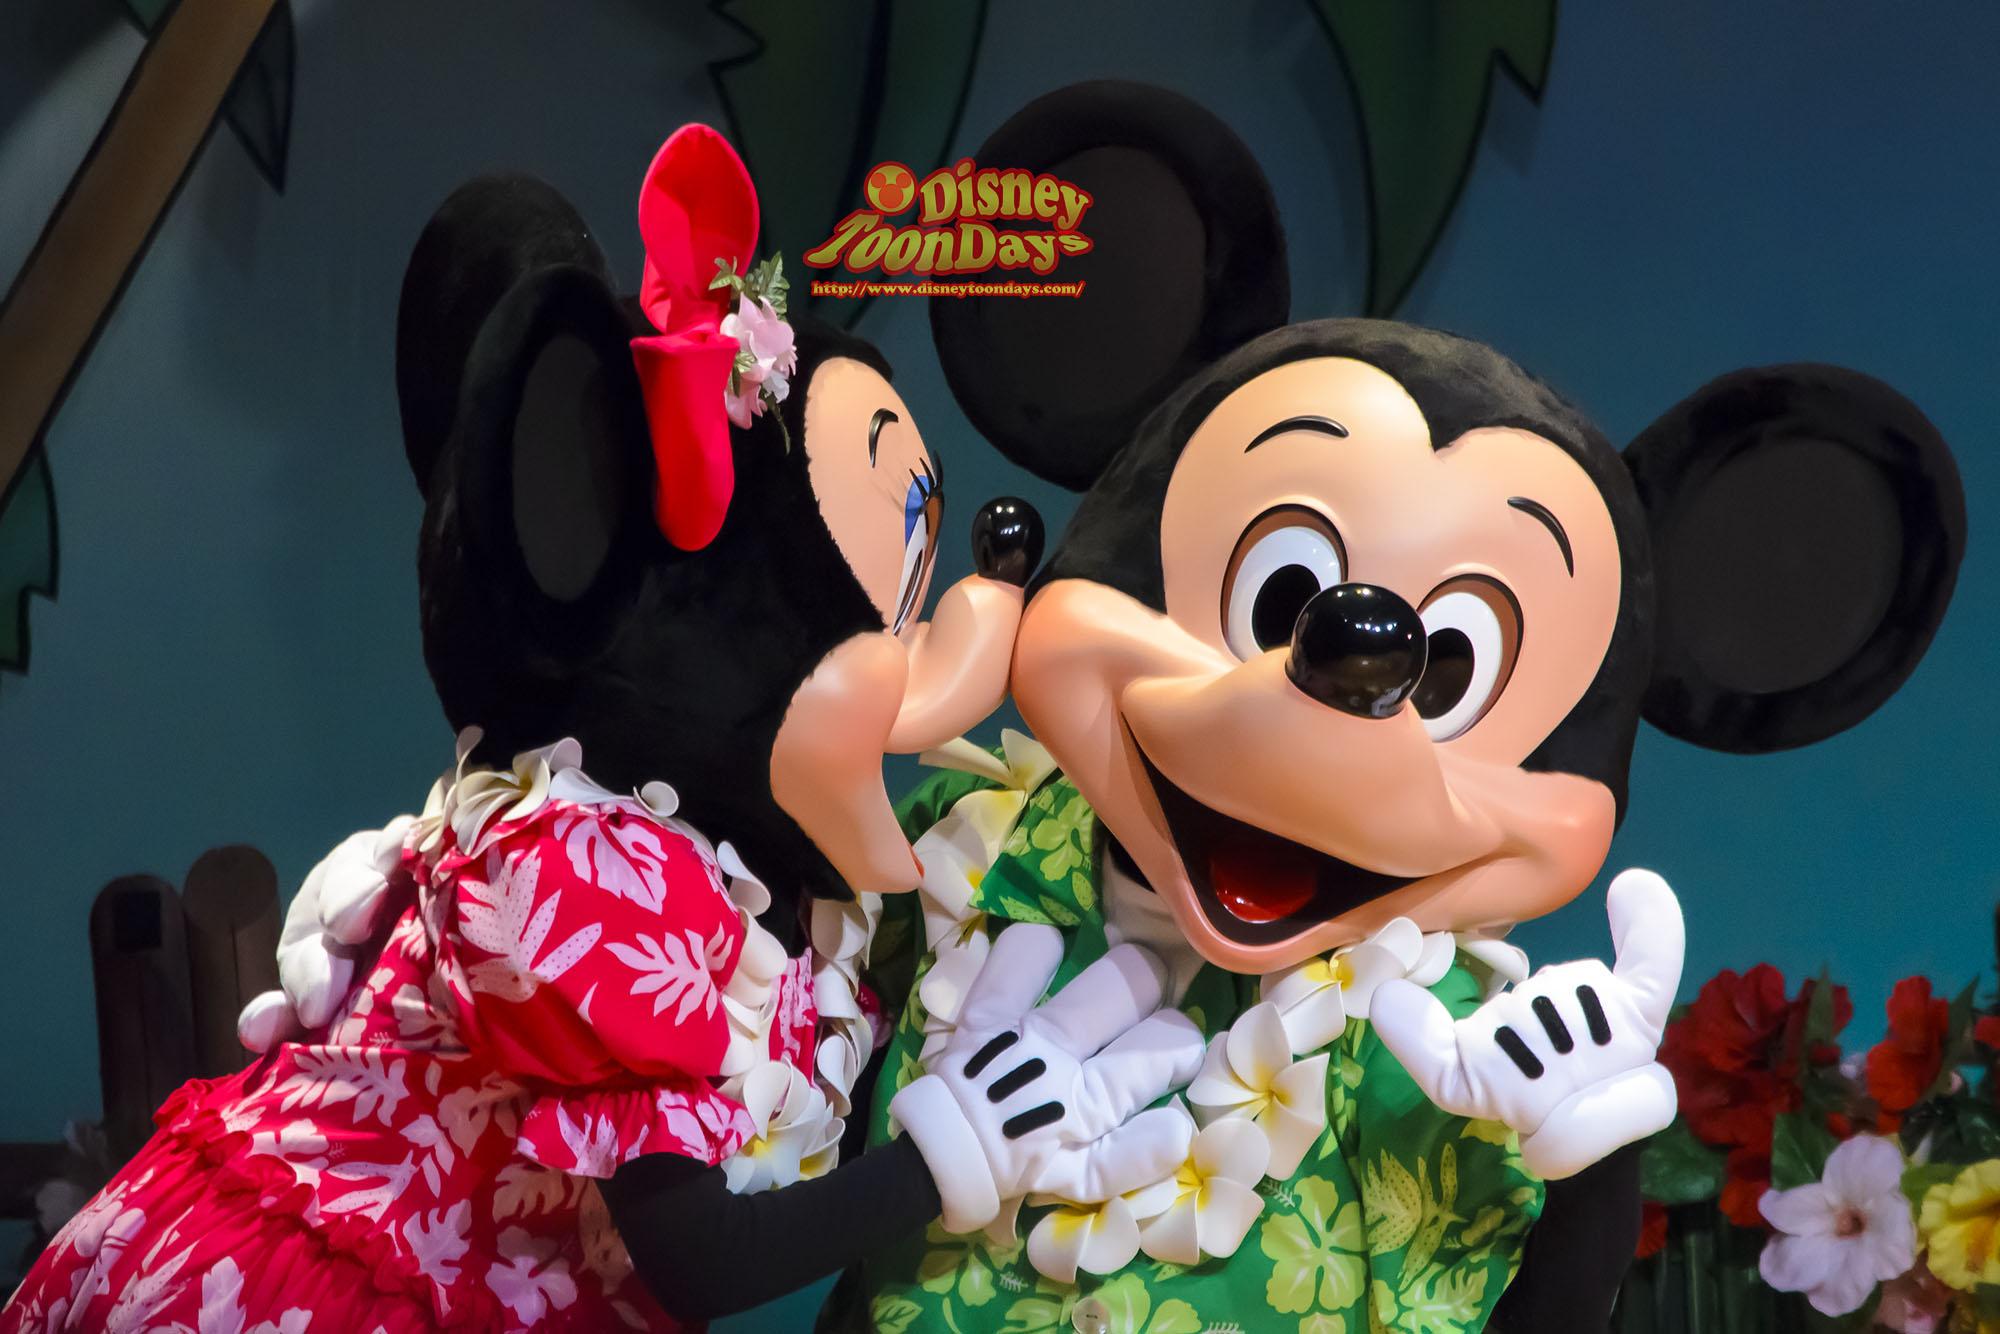 TDL アドベンチャーランド ポリネシアンテラスレストラン リロのルアウ&ファン ミッキーマウス ミニーマウス